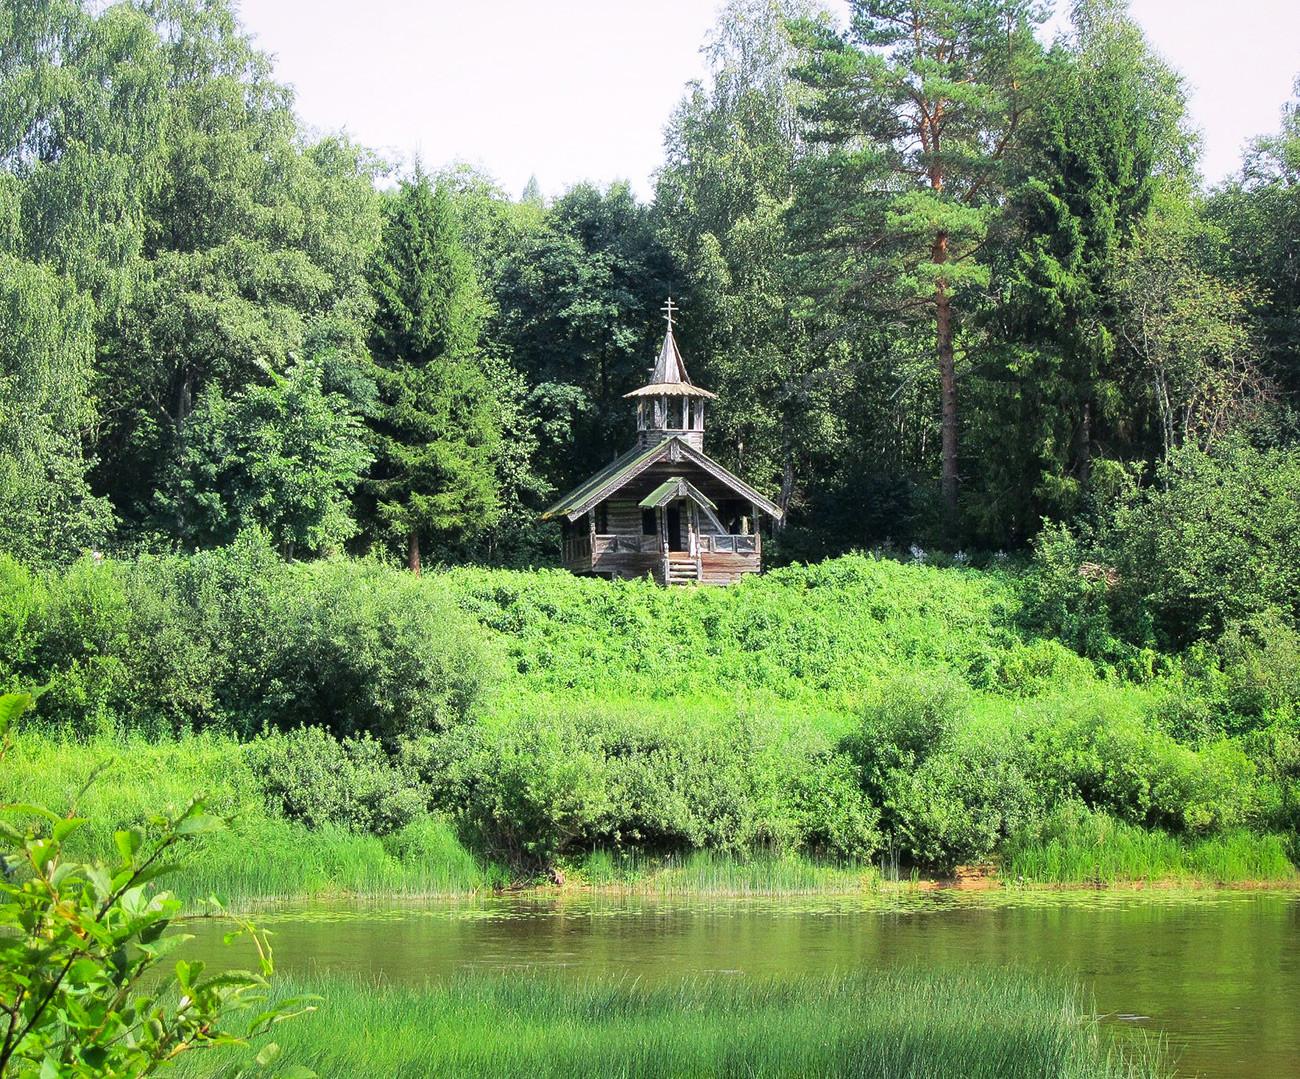 Chapelle de Tikhvine dans le village de Bolchoïé Pekhovo (530 km au nord-ouest de Moscou, au bord de la rivière Msta), XVIIe siècle, région de Novgorod.